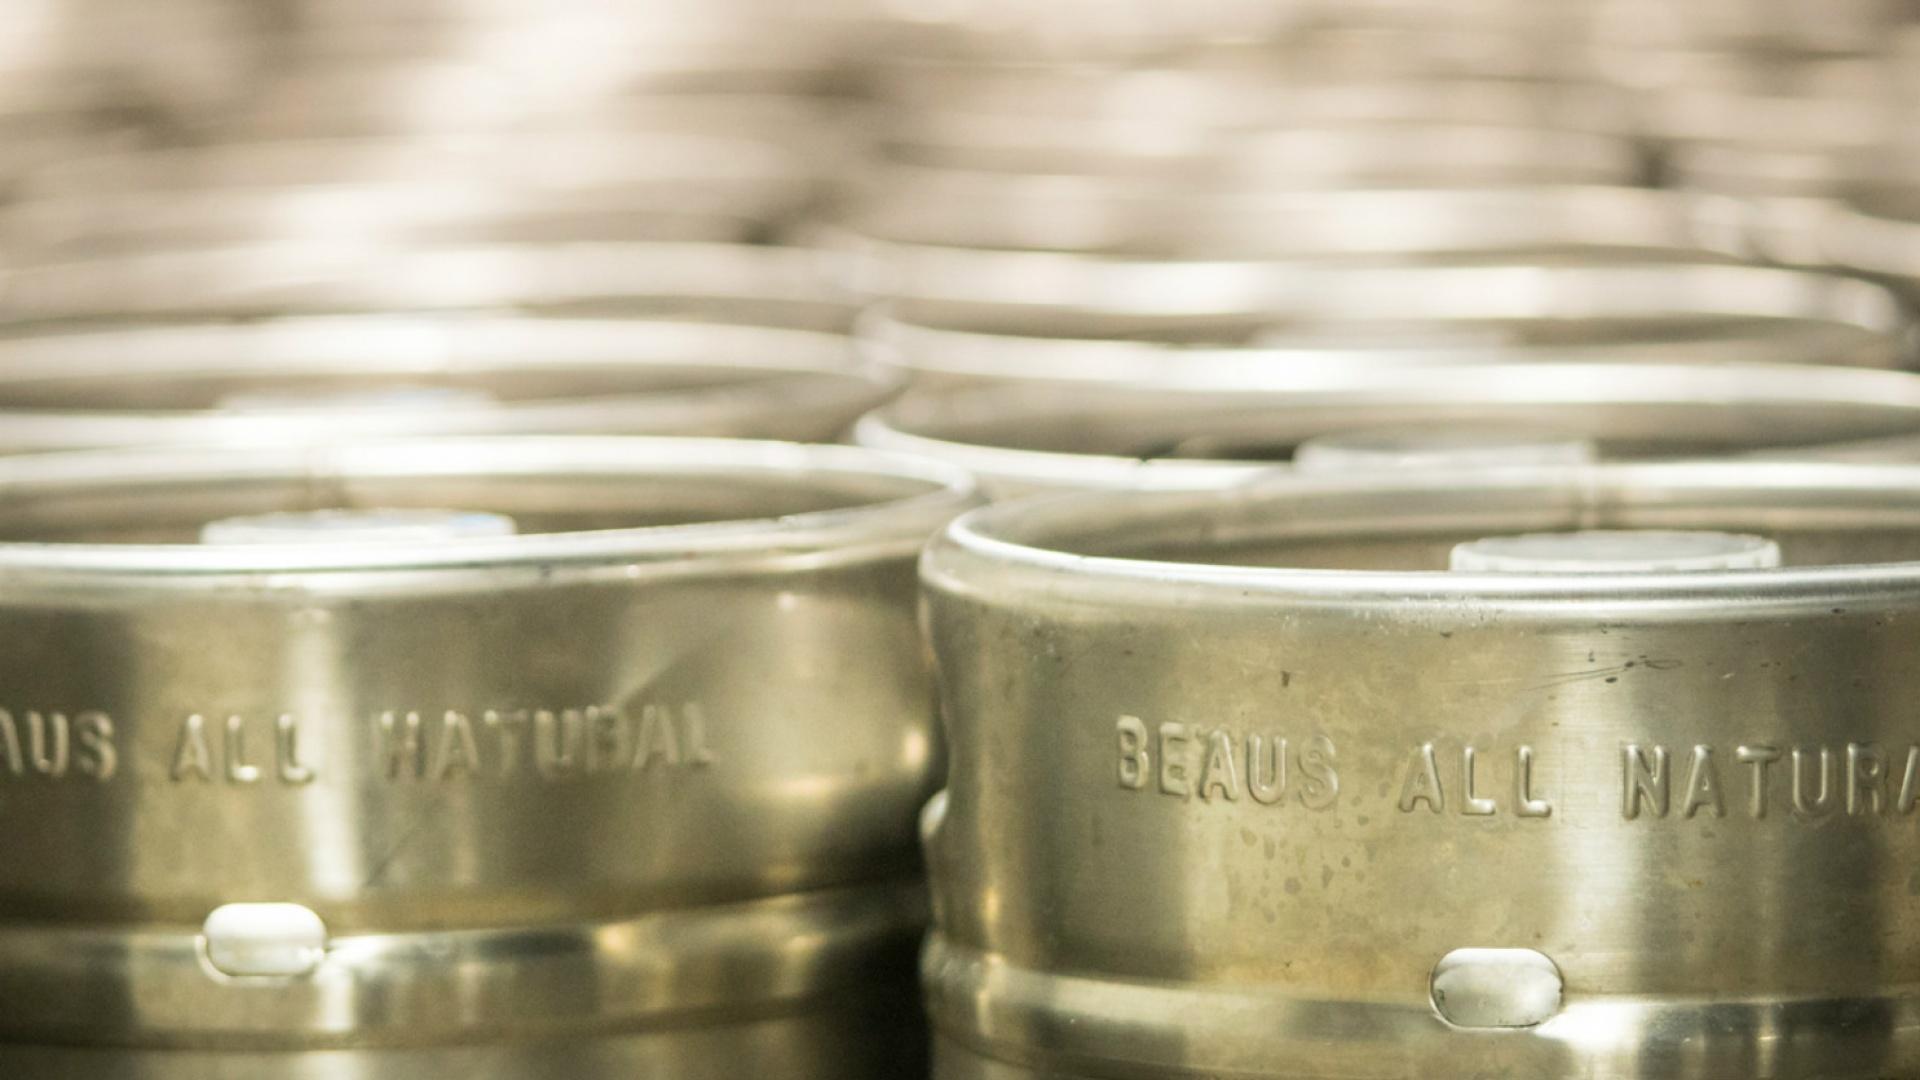 Bottle Service: Beau's The Spice Principle Weissbier